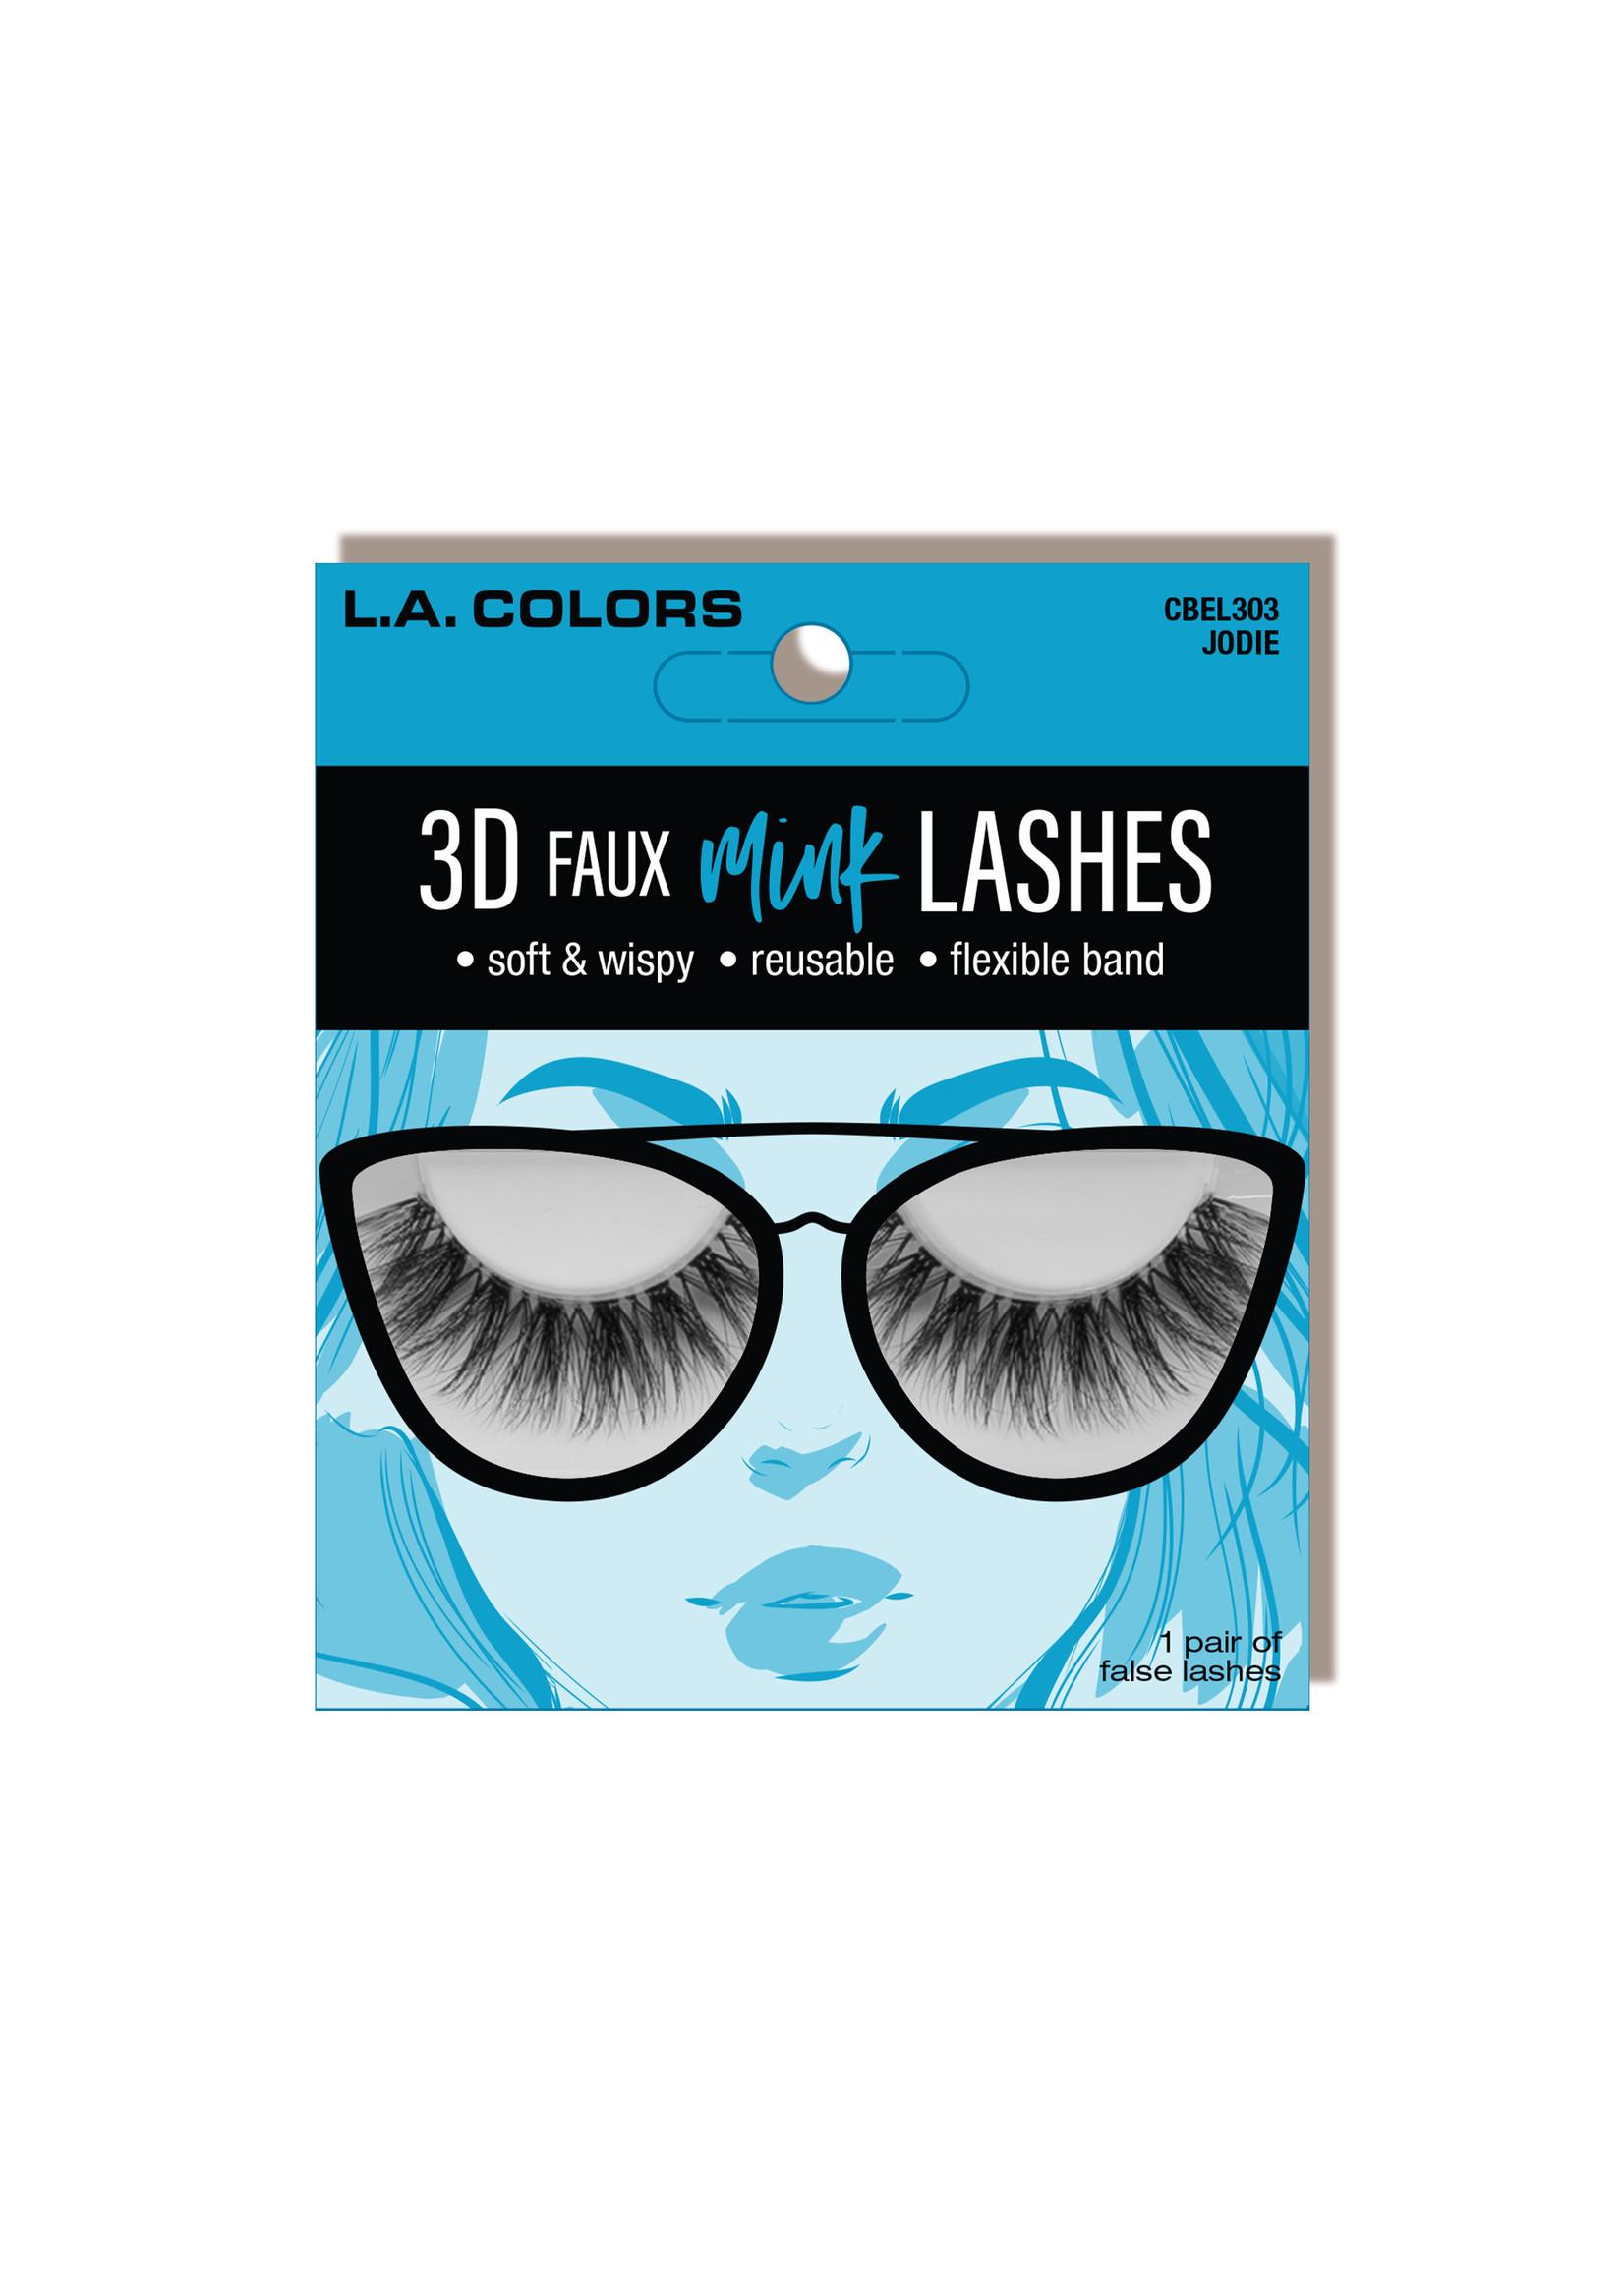 L.A. Colors LA Colors 3D Faux Mink Lashes-